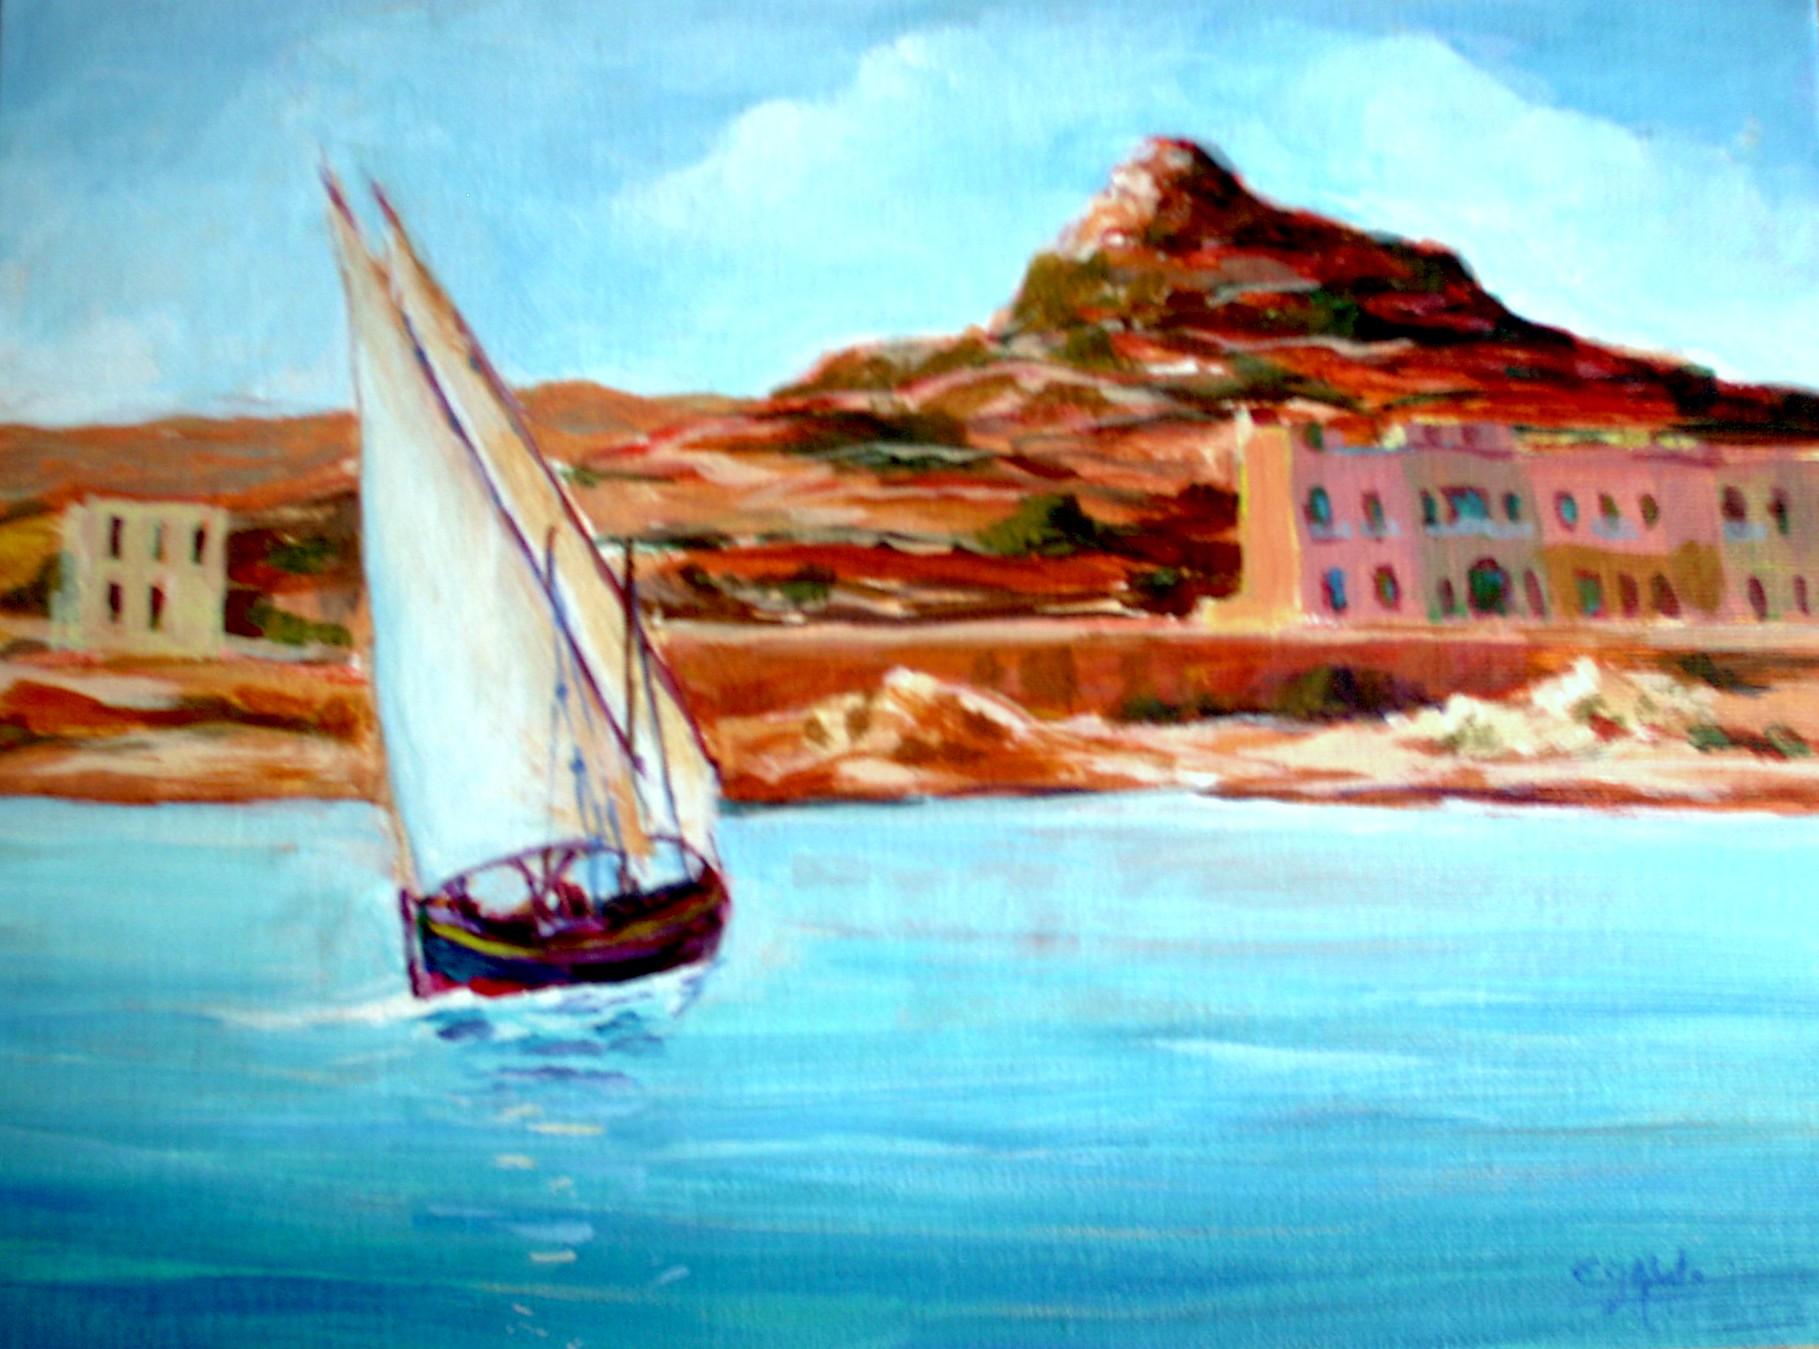 Ebay paintings 001.jpg